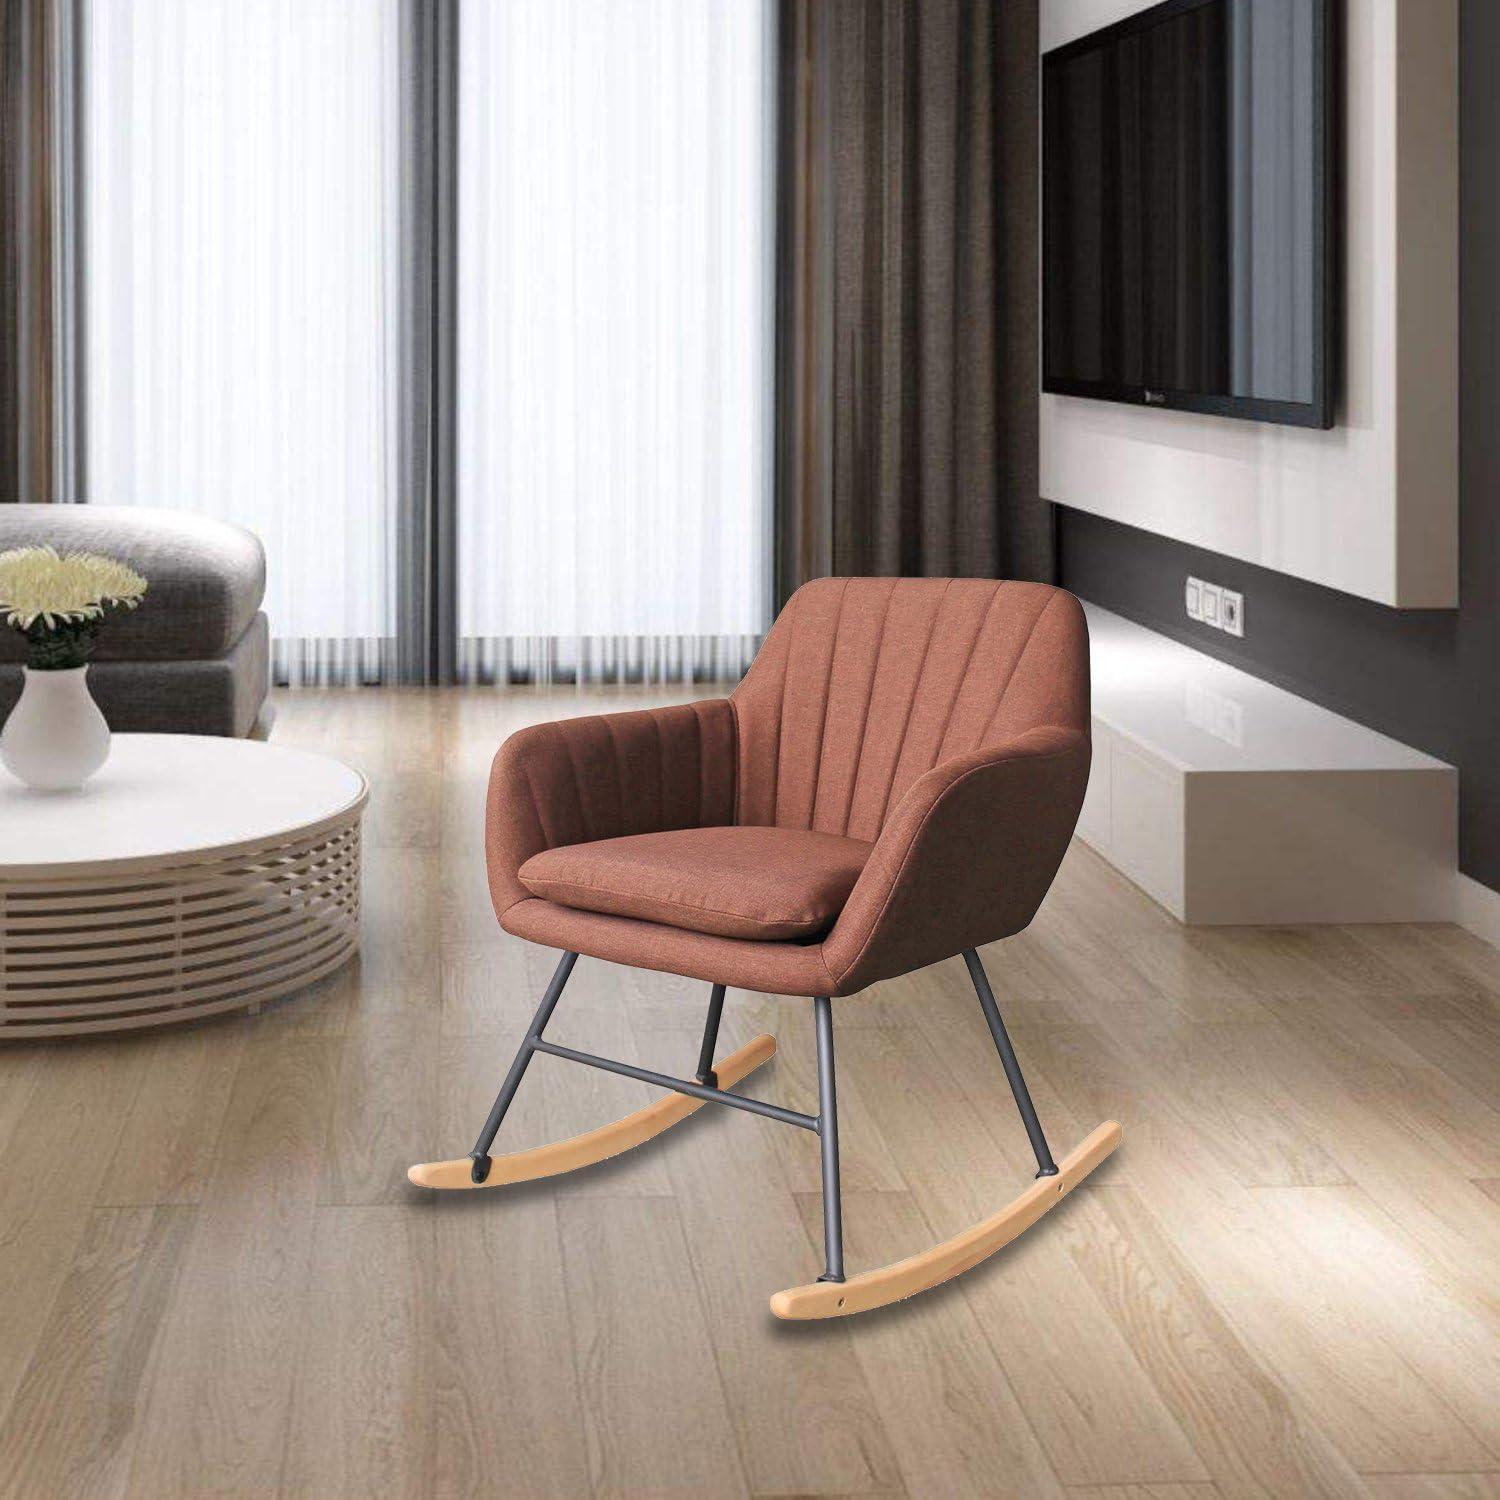 HENGMEI 61 x 76 x 79 cm Schaukelstühle Braun Relaxstuhl Schaukelsessel Schwingstuhl für Wohnzimmer, Esszimmer, Balkon, Schlafzimmer, Garten und